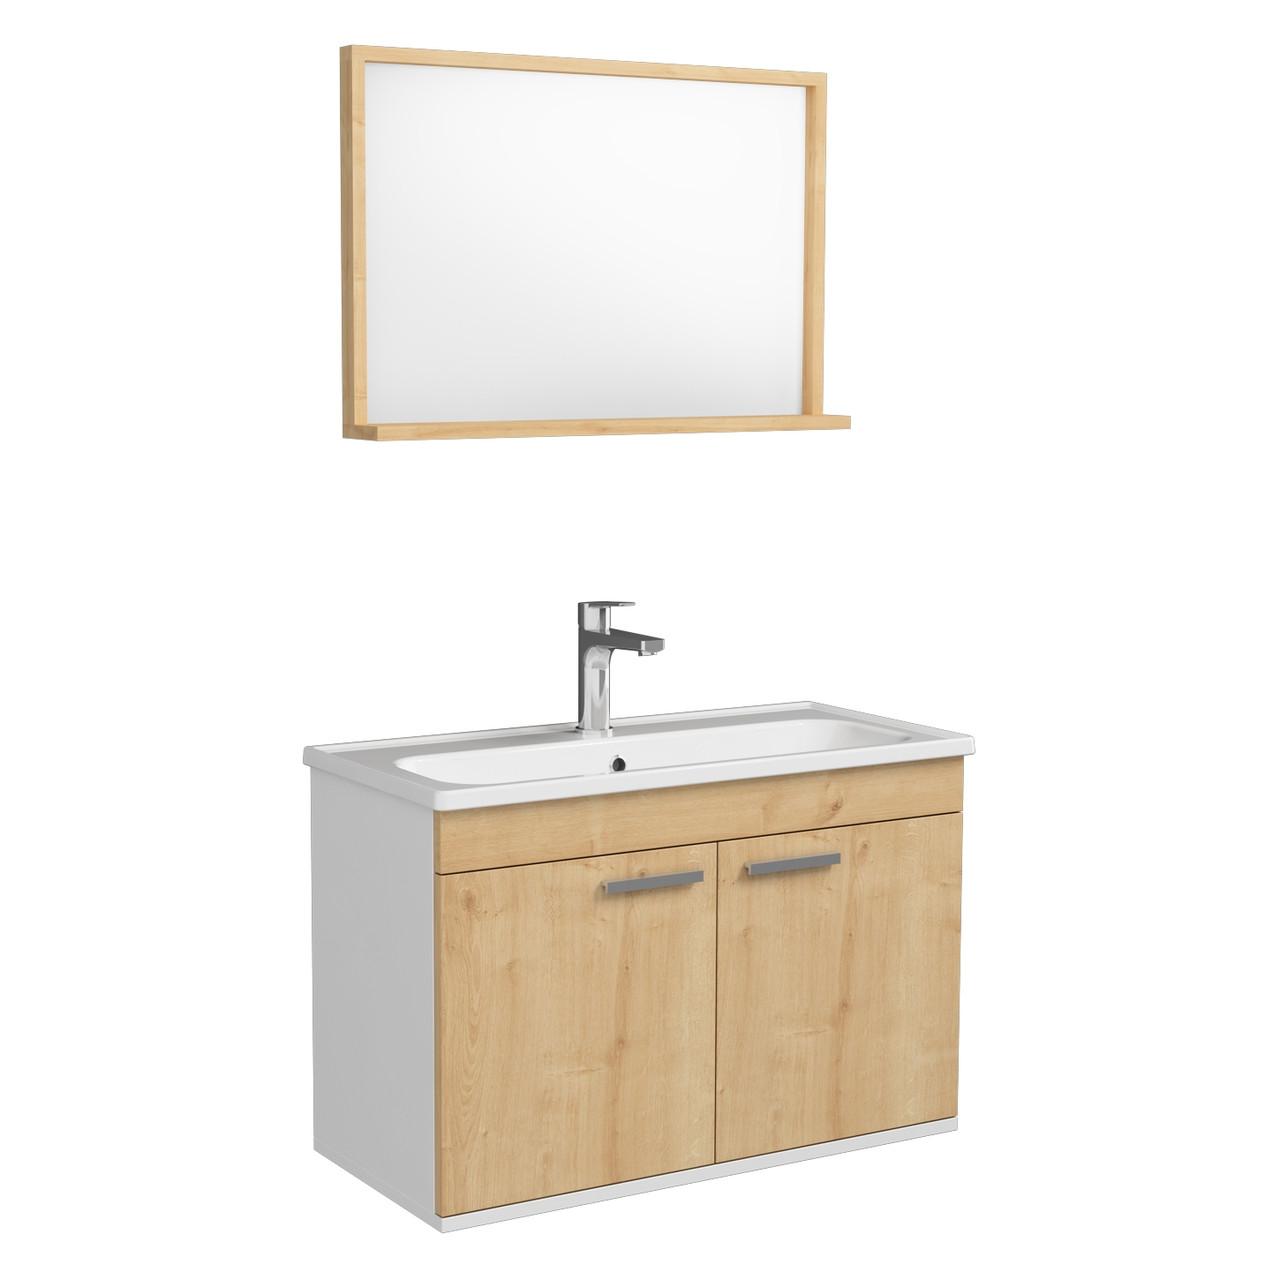 Комплект мебели RJ First 80 RJ20800OK с тумбой и умывальником + зеркало 74х50 белый/дуб